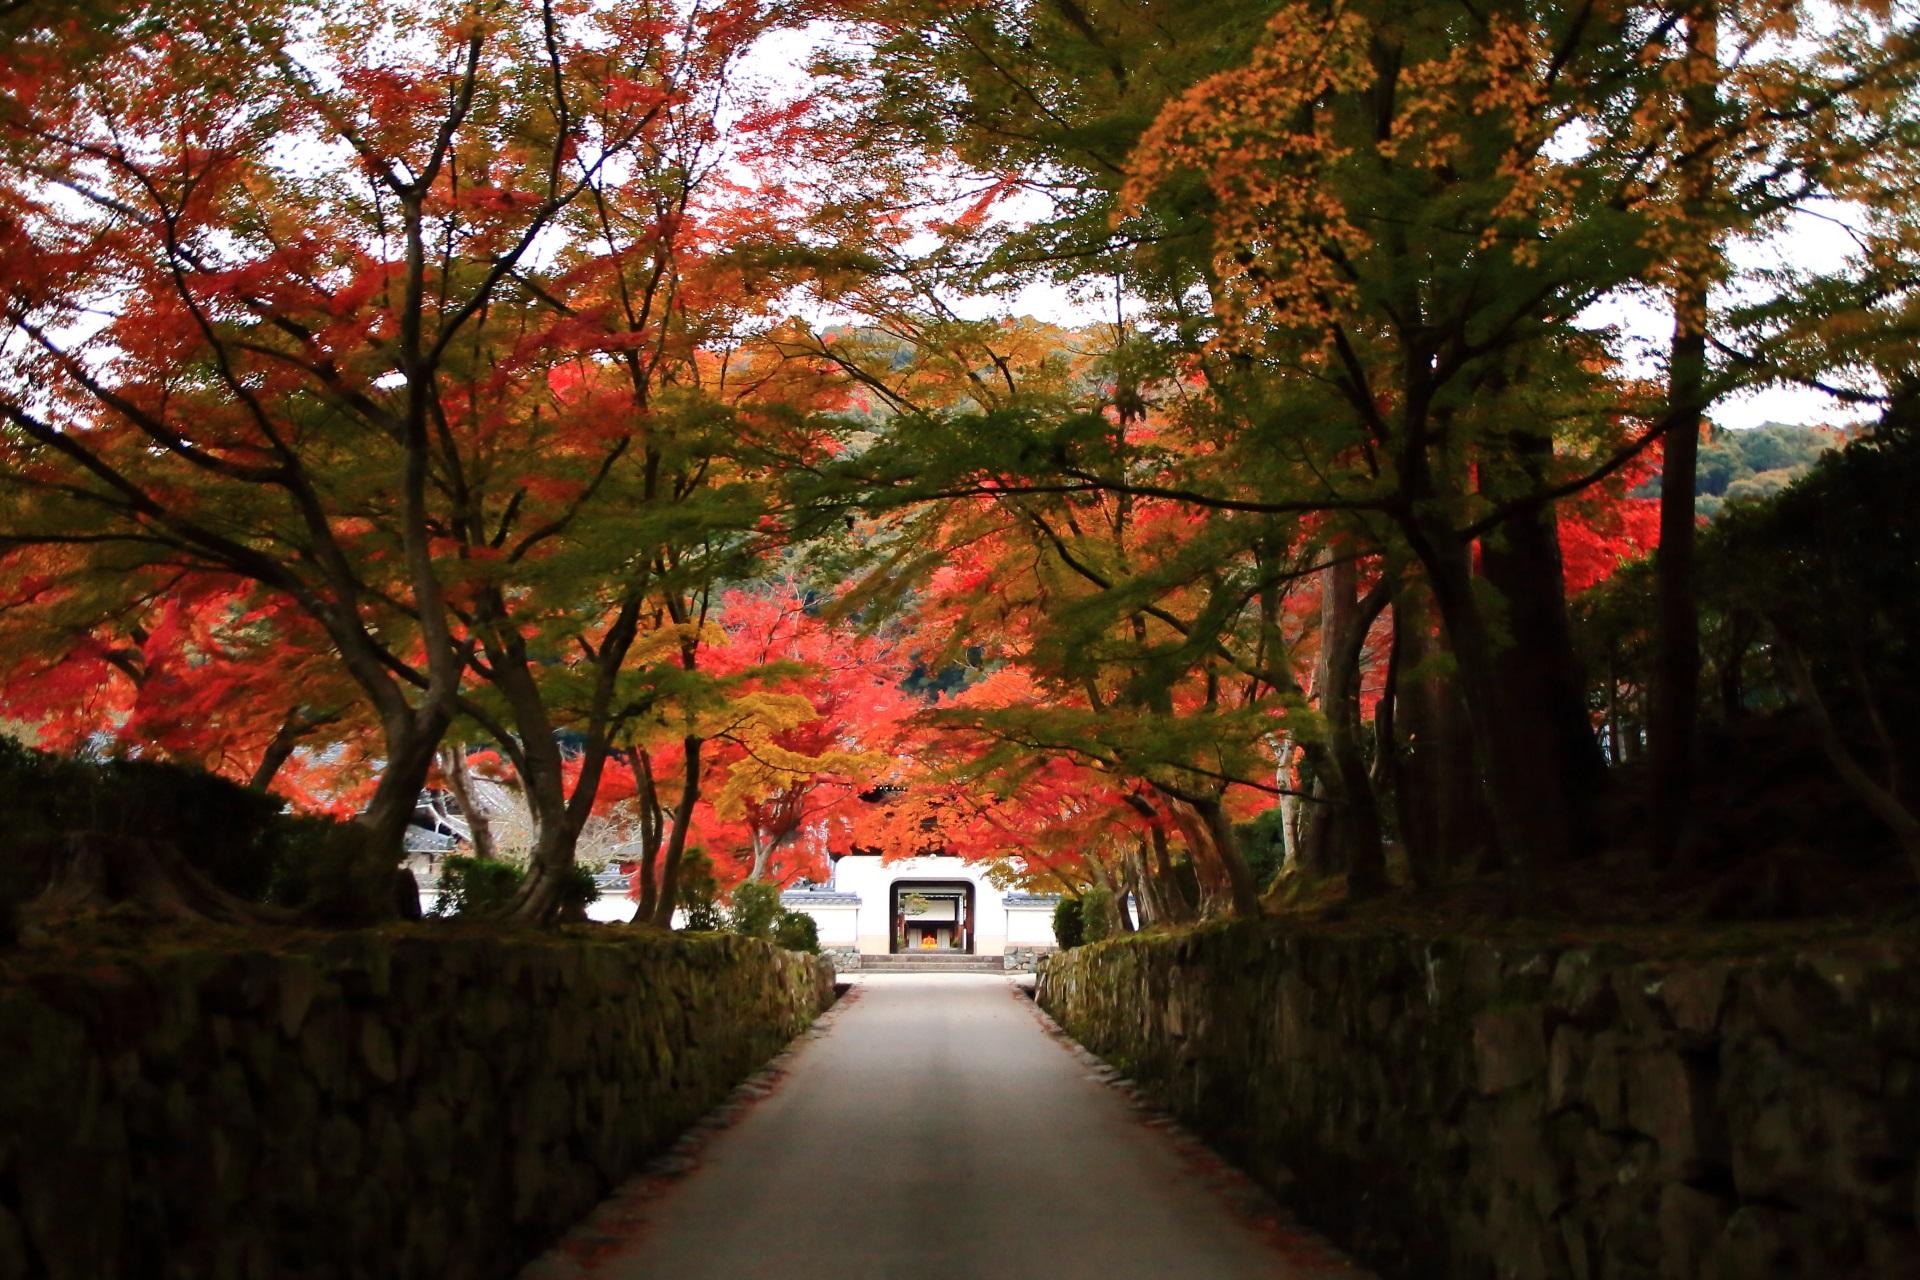 秋の彩りにつつまれた琴坂と興聖寺の山門